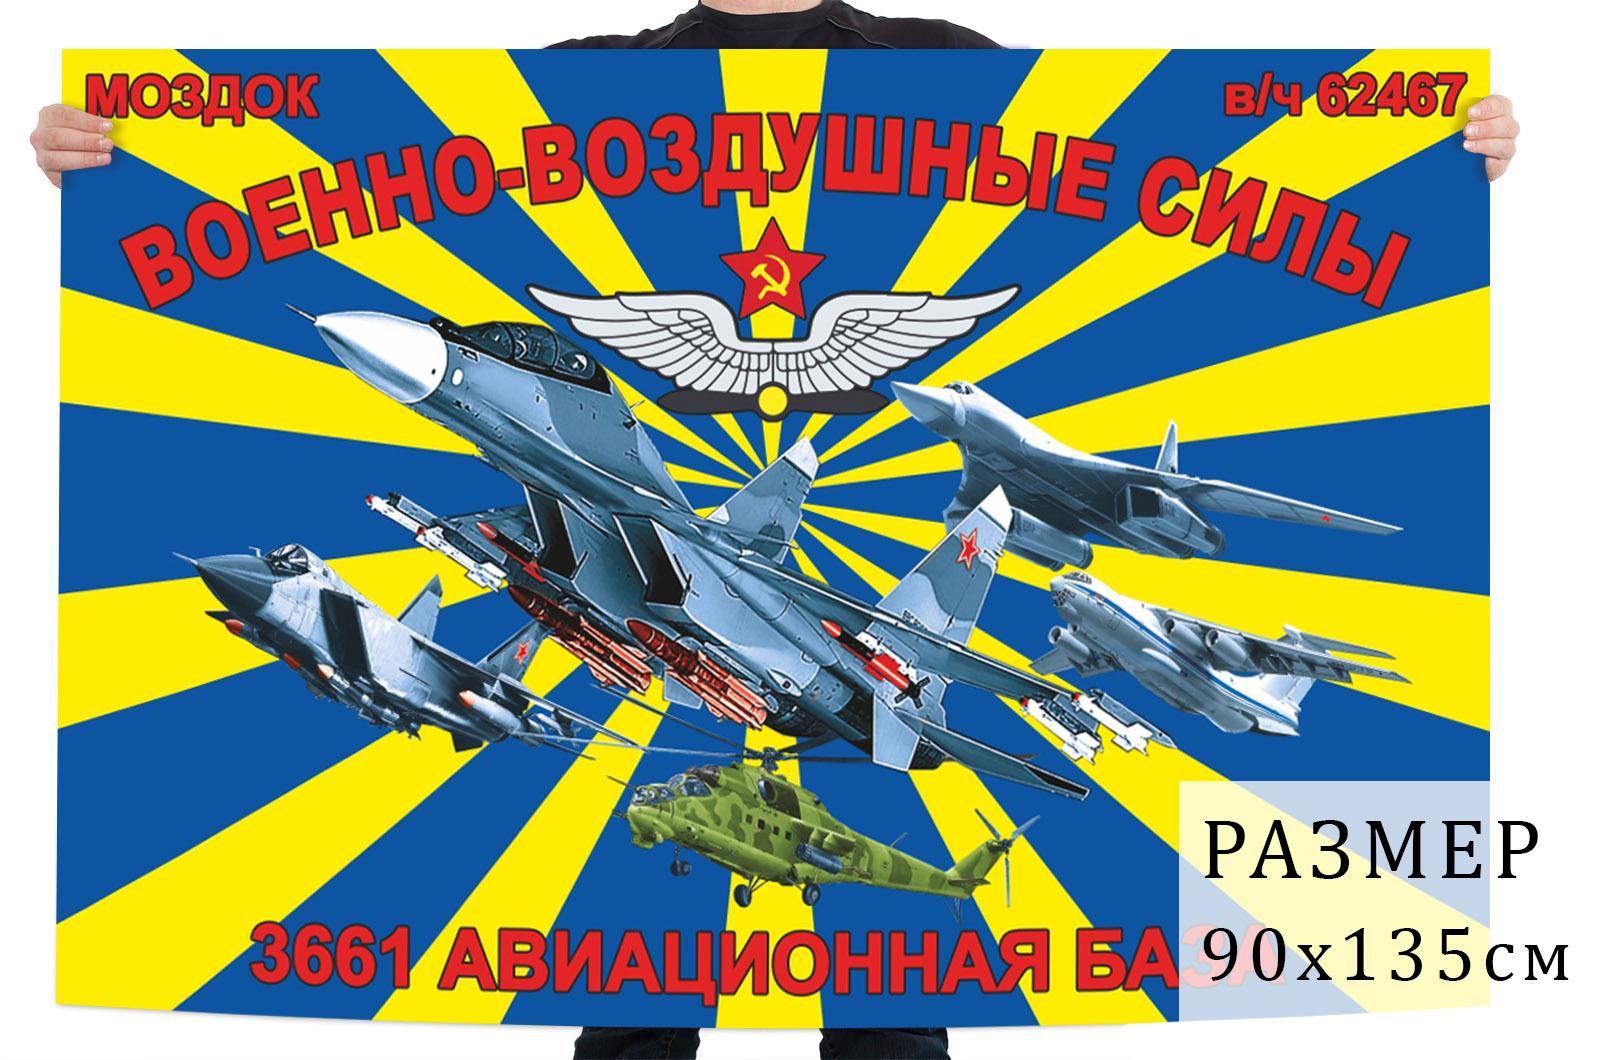 Флаг 3661 авиационной базы